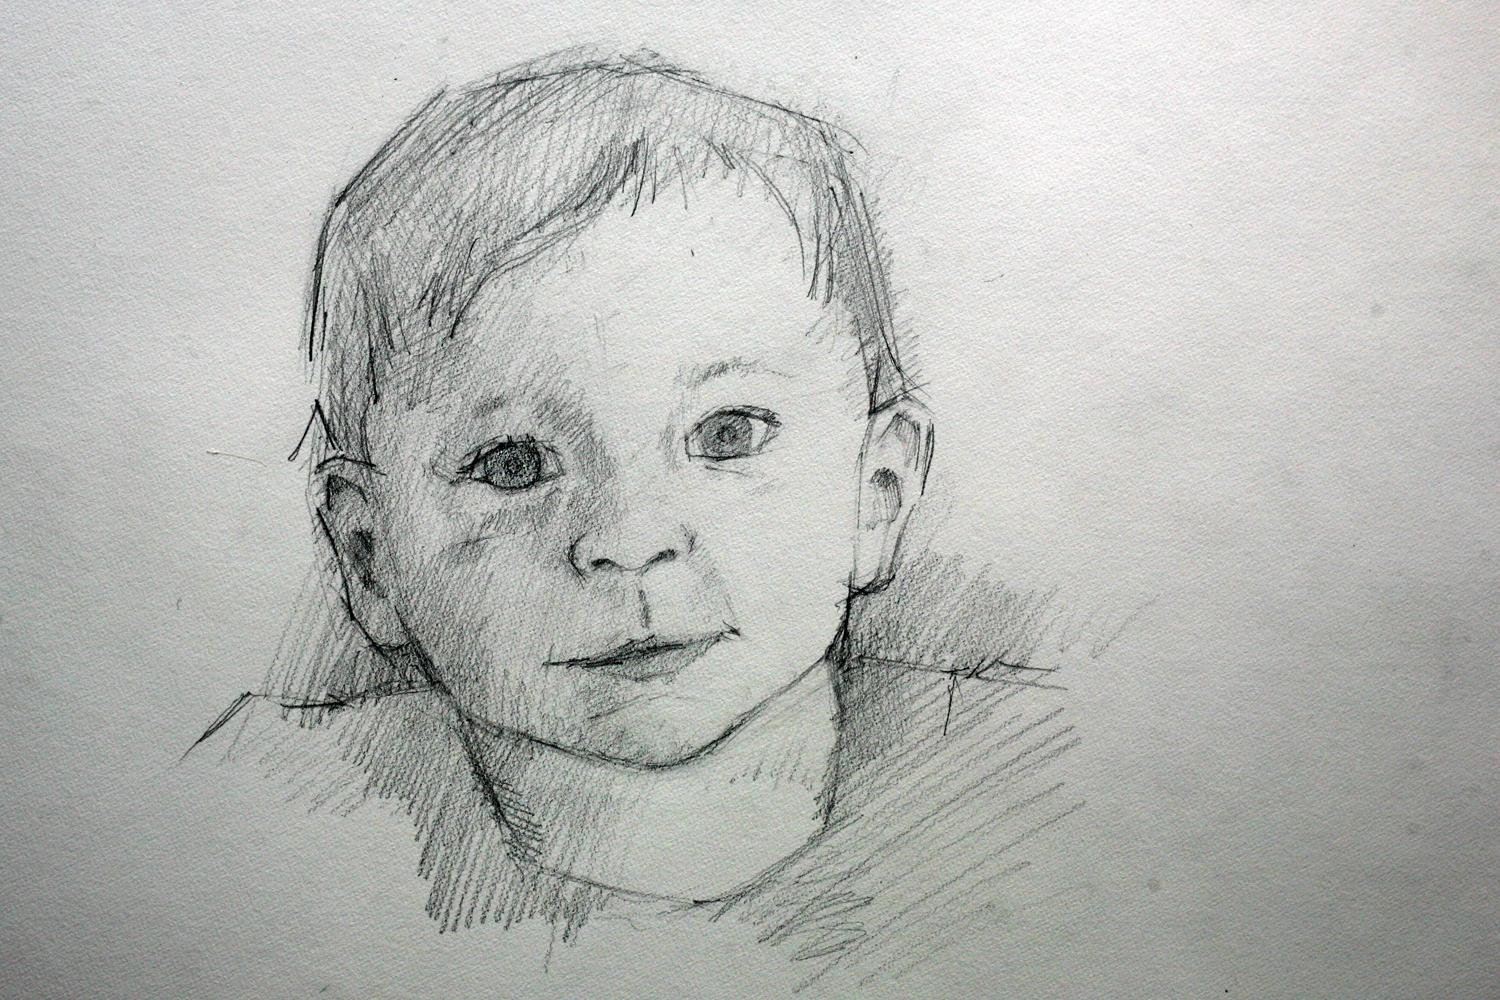 FirstElsaSketch.jpg